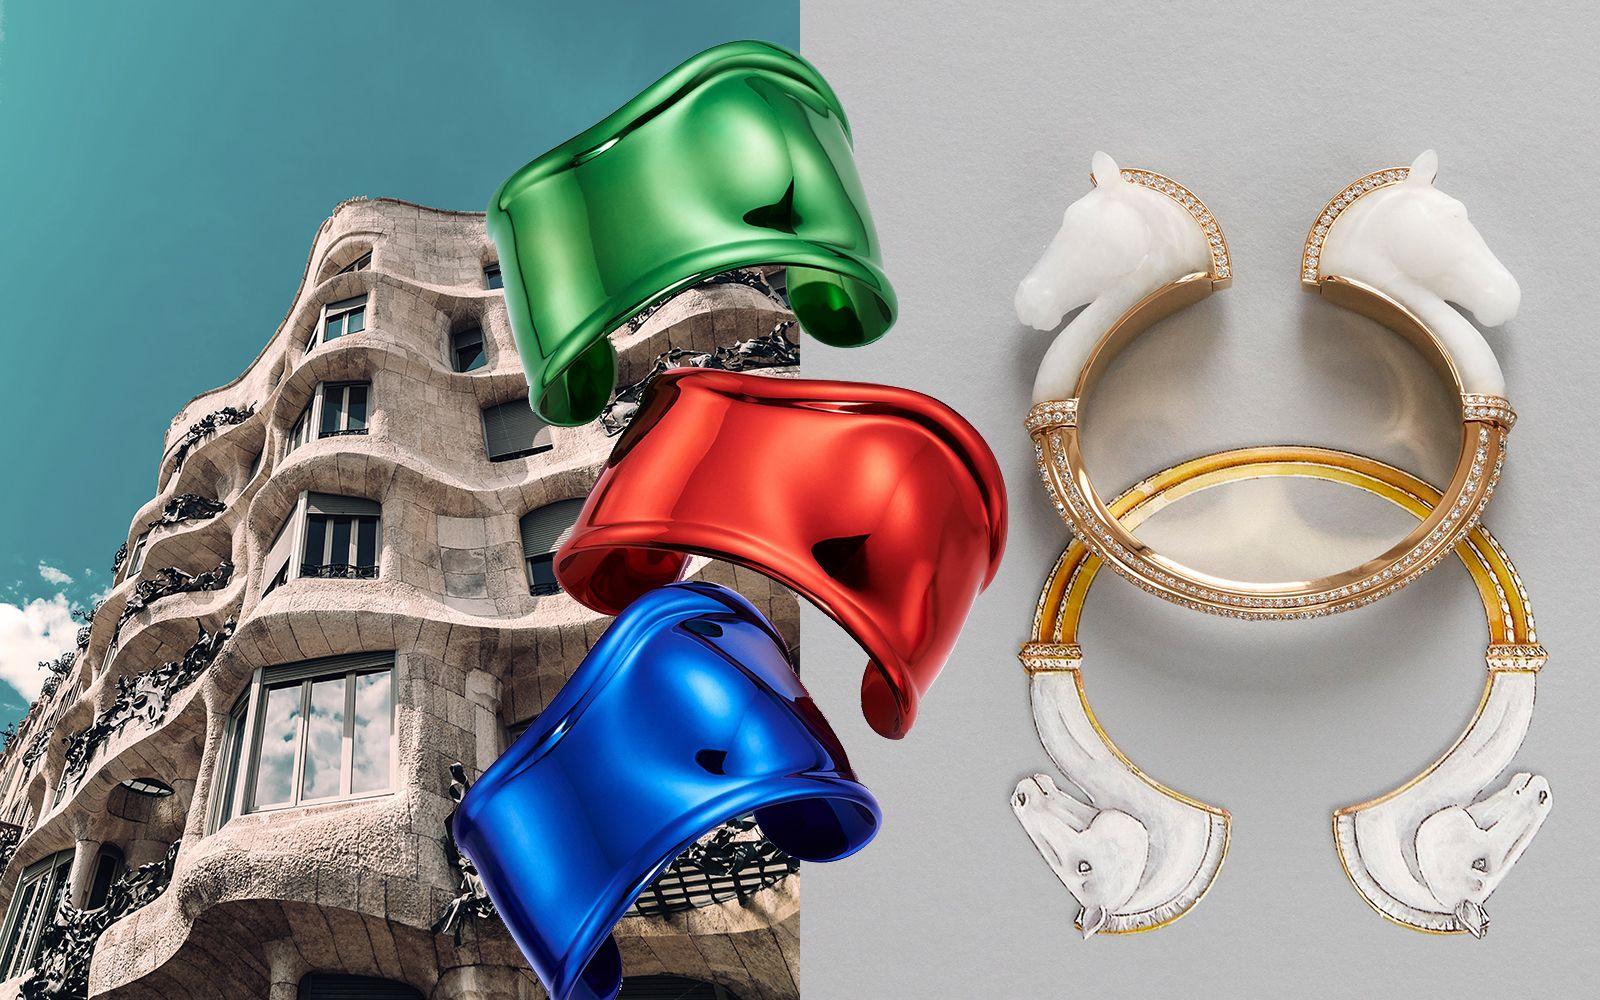 根本藝術品!絕美雕塑感珠寶,靈感來自高第建築、巴黎歌劇院、人骨教堂⋯⋯